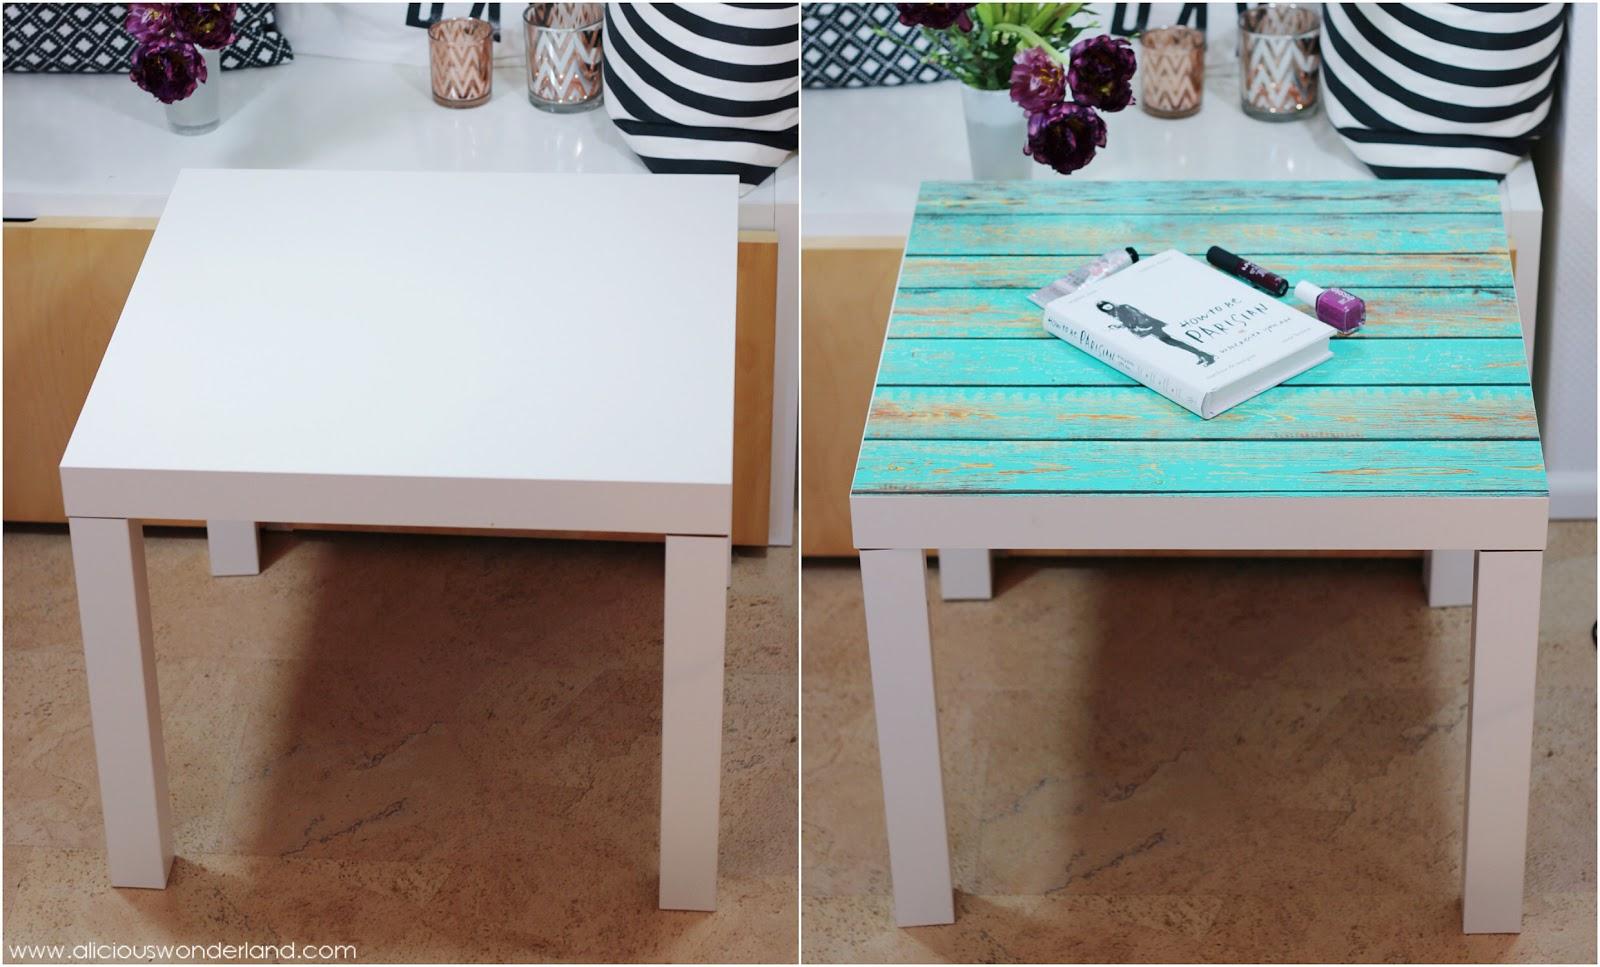 Ikea Couchtisch Dekorieren Ikea Lack Tisch Neu Gestalten Wohn Design